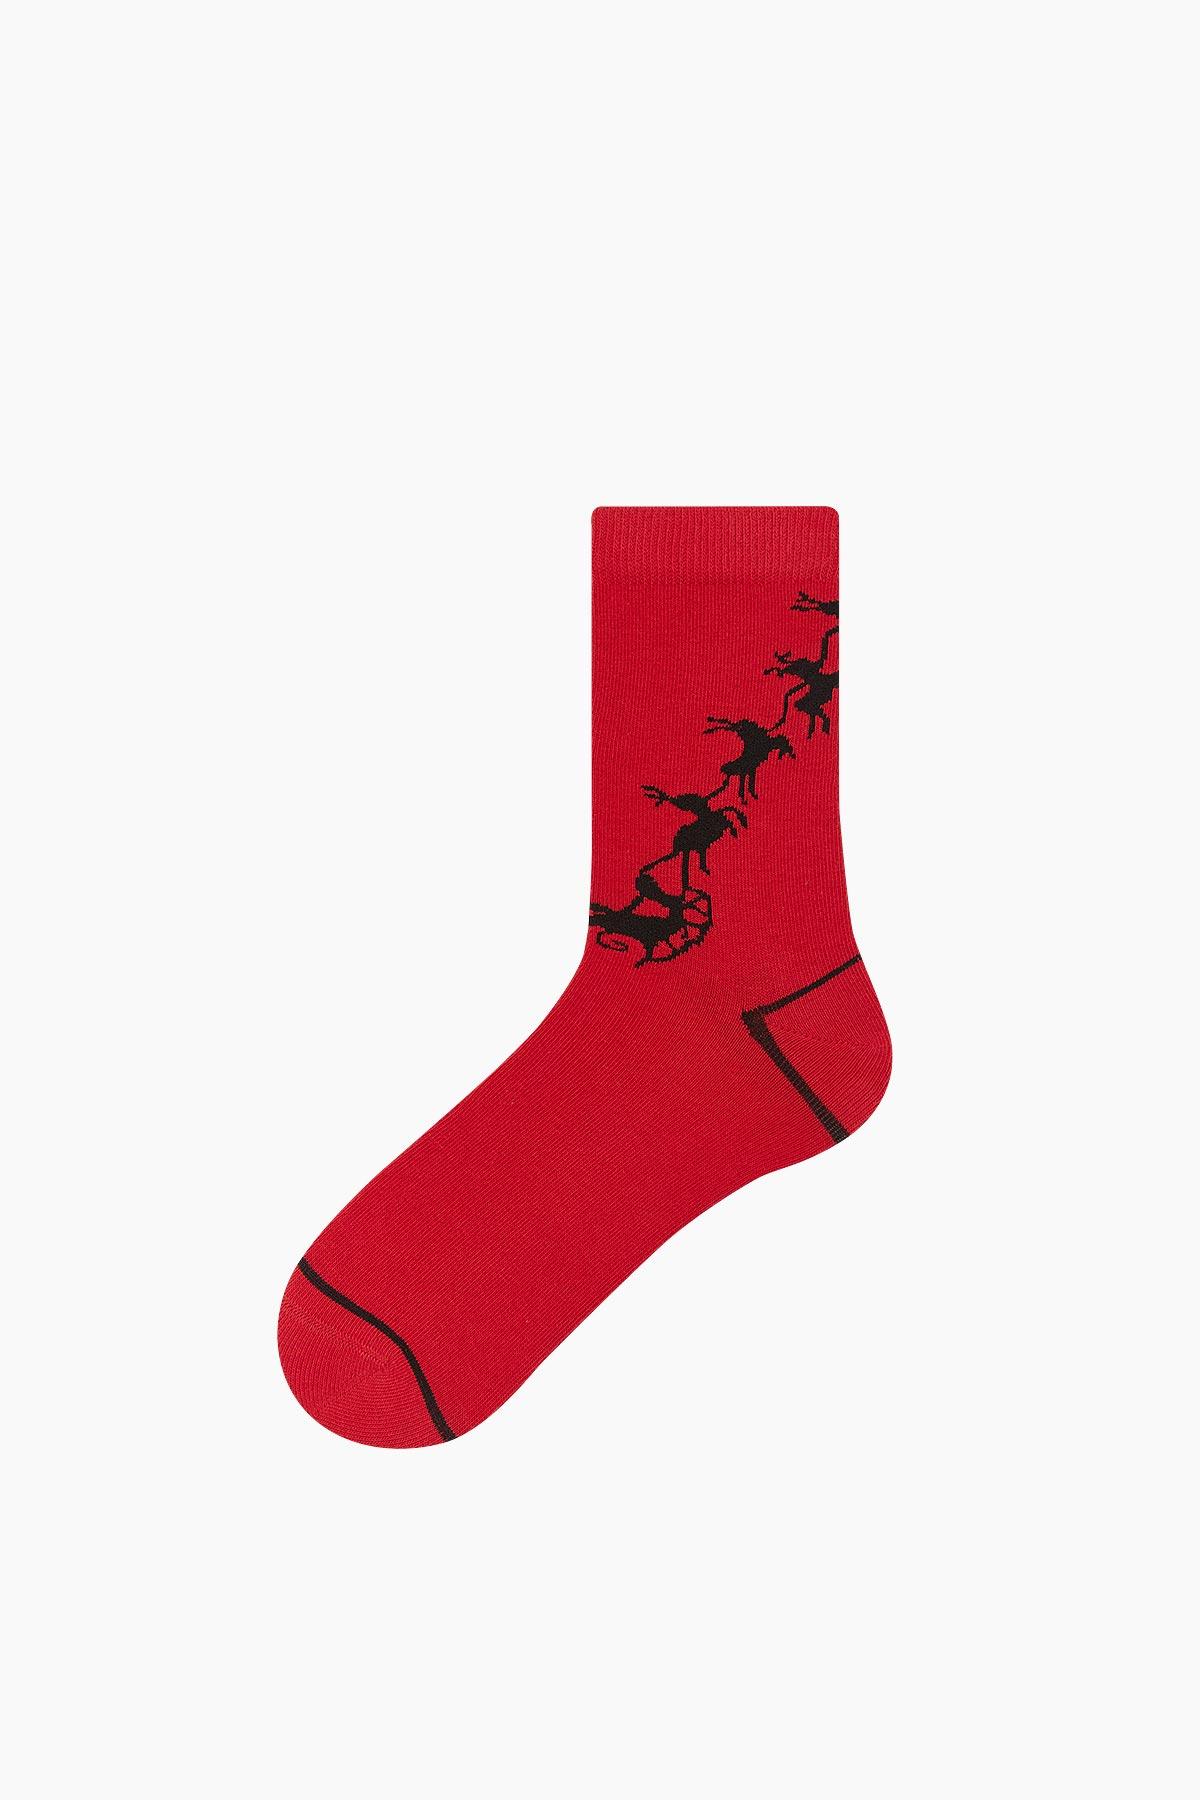 Bross Kutlama Desenli Yılbaşı Kadın Çorabı